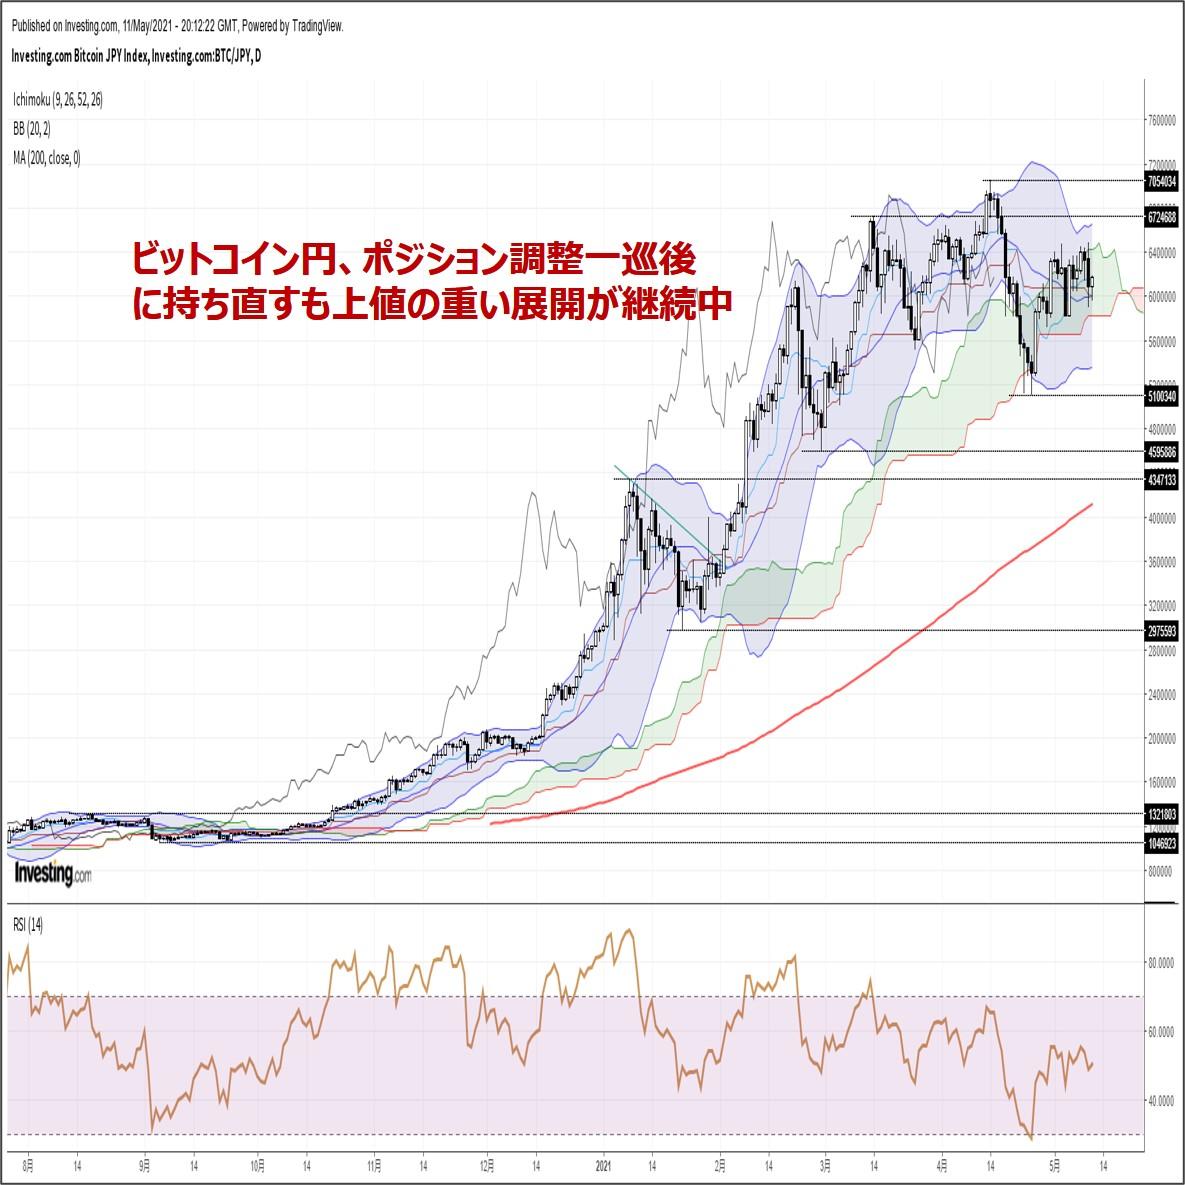 ビットコイン円、ポジション調整一巡後に持ち直すも戻りは鈍い。米CPIに注目(5/12朝)